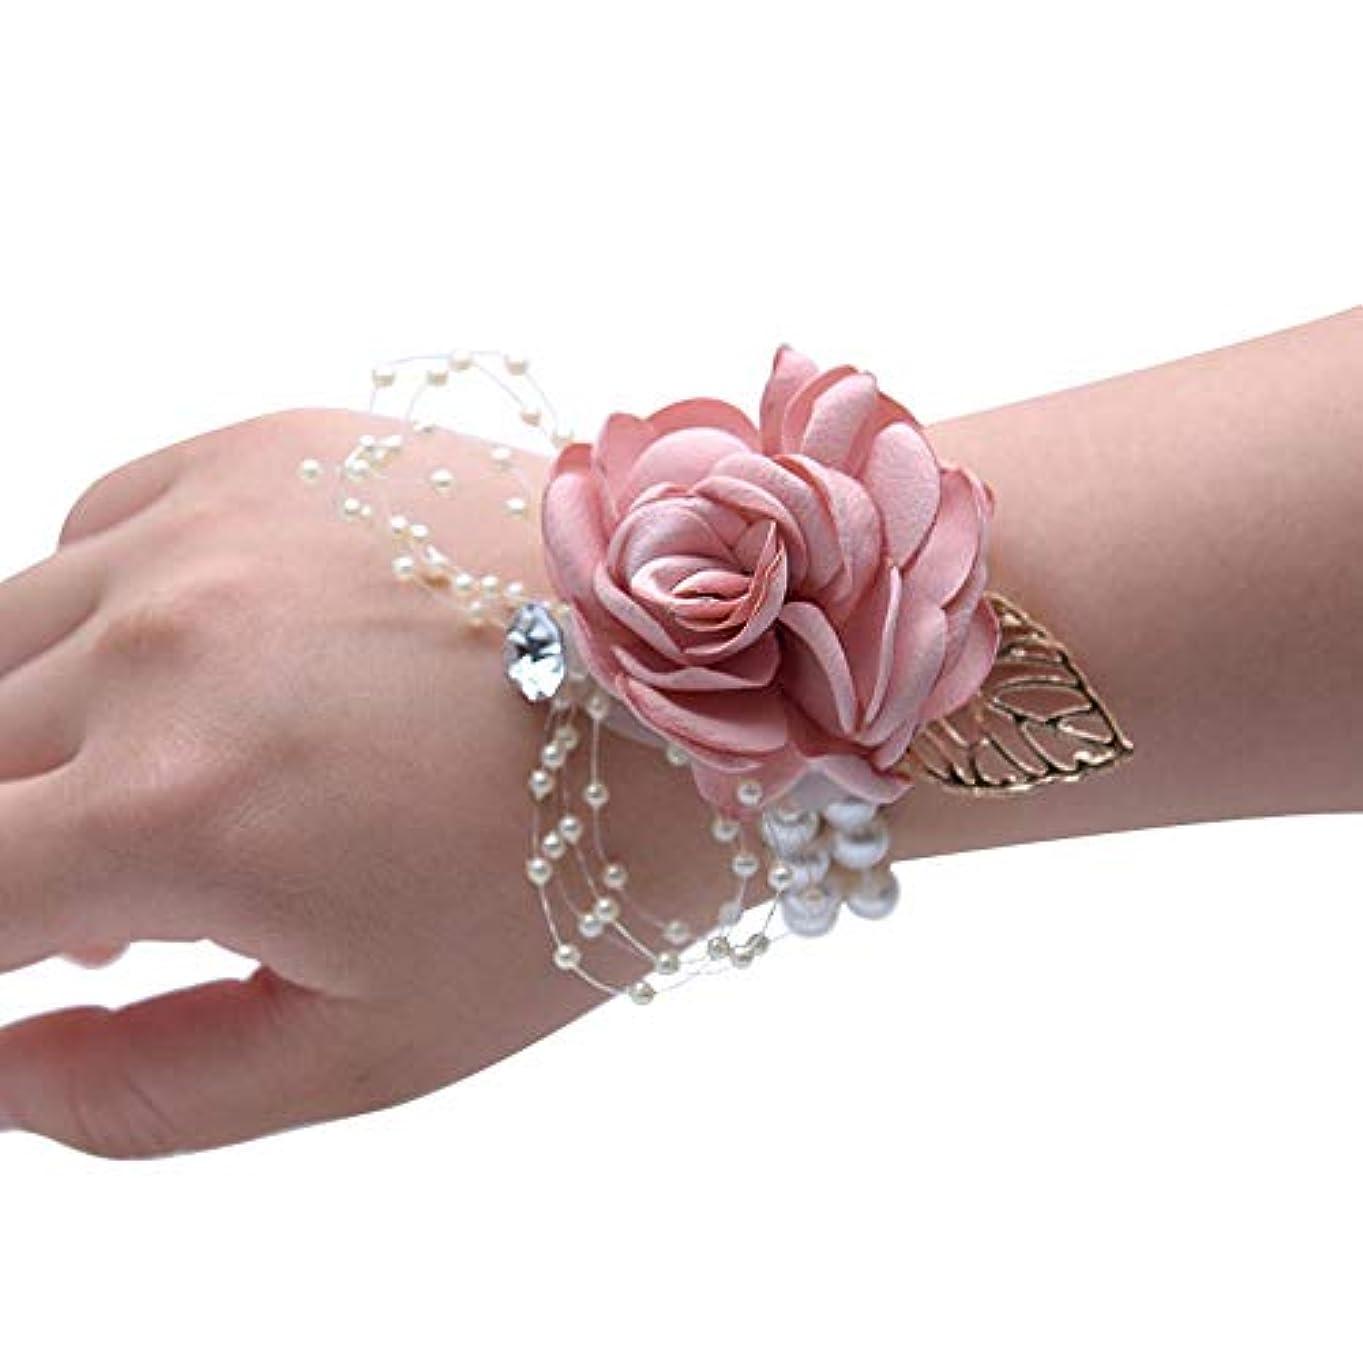 誠意望遠鏡勤勉Merssavo 手首の花 - 女の子チャーム手首コサージュブレスレット花嫁介添人姉妹の手の花のどの真珠の結婚式、ピンク